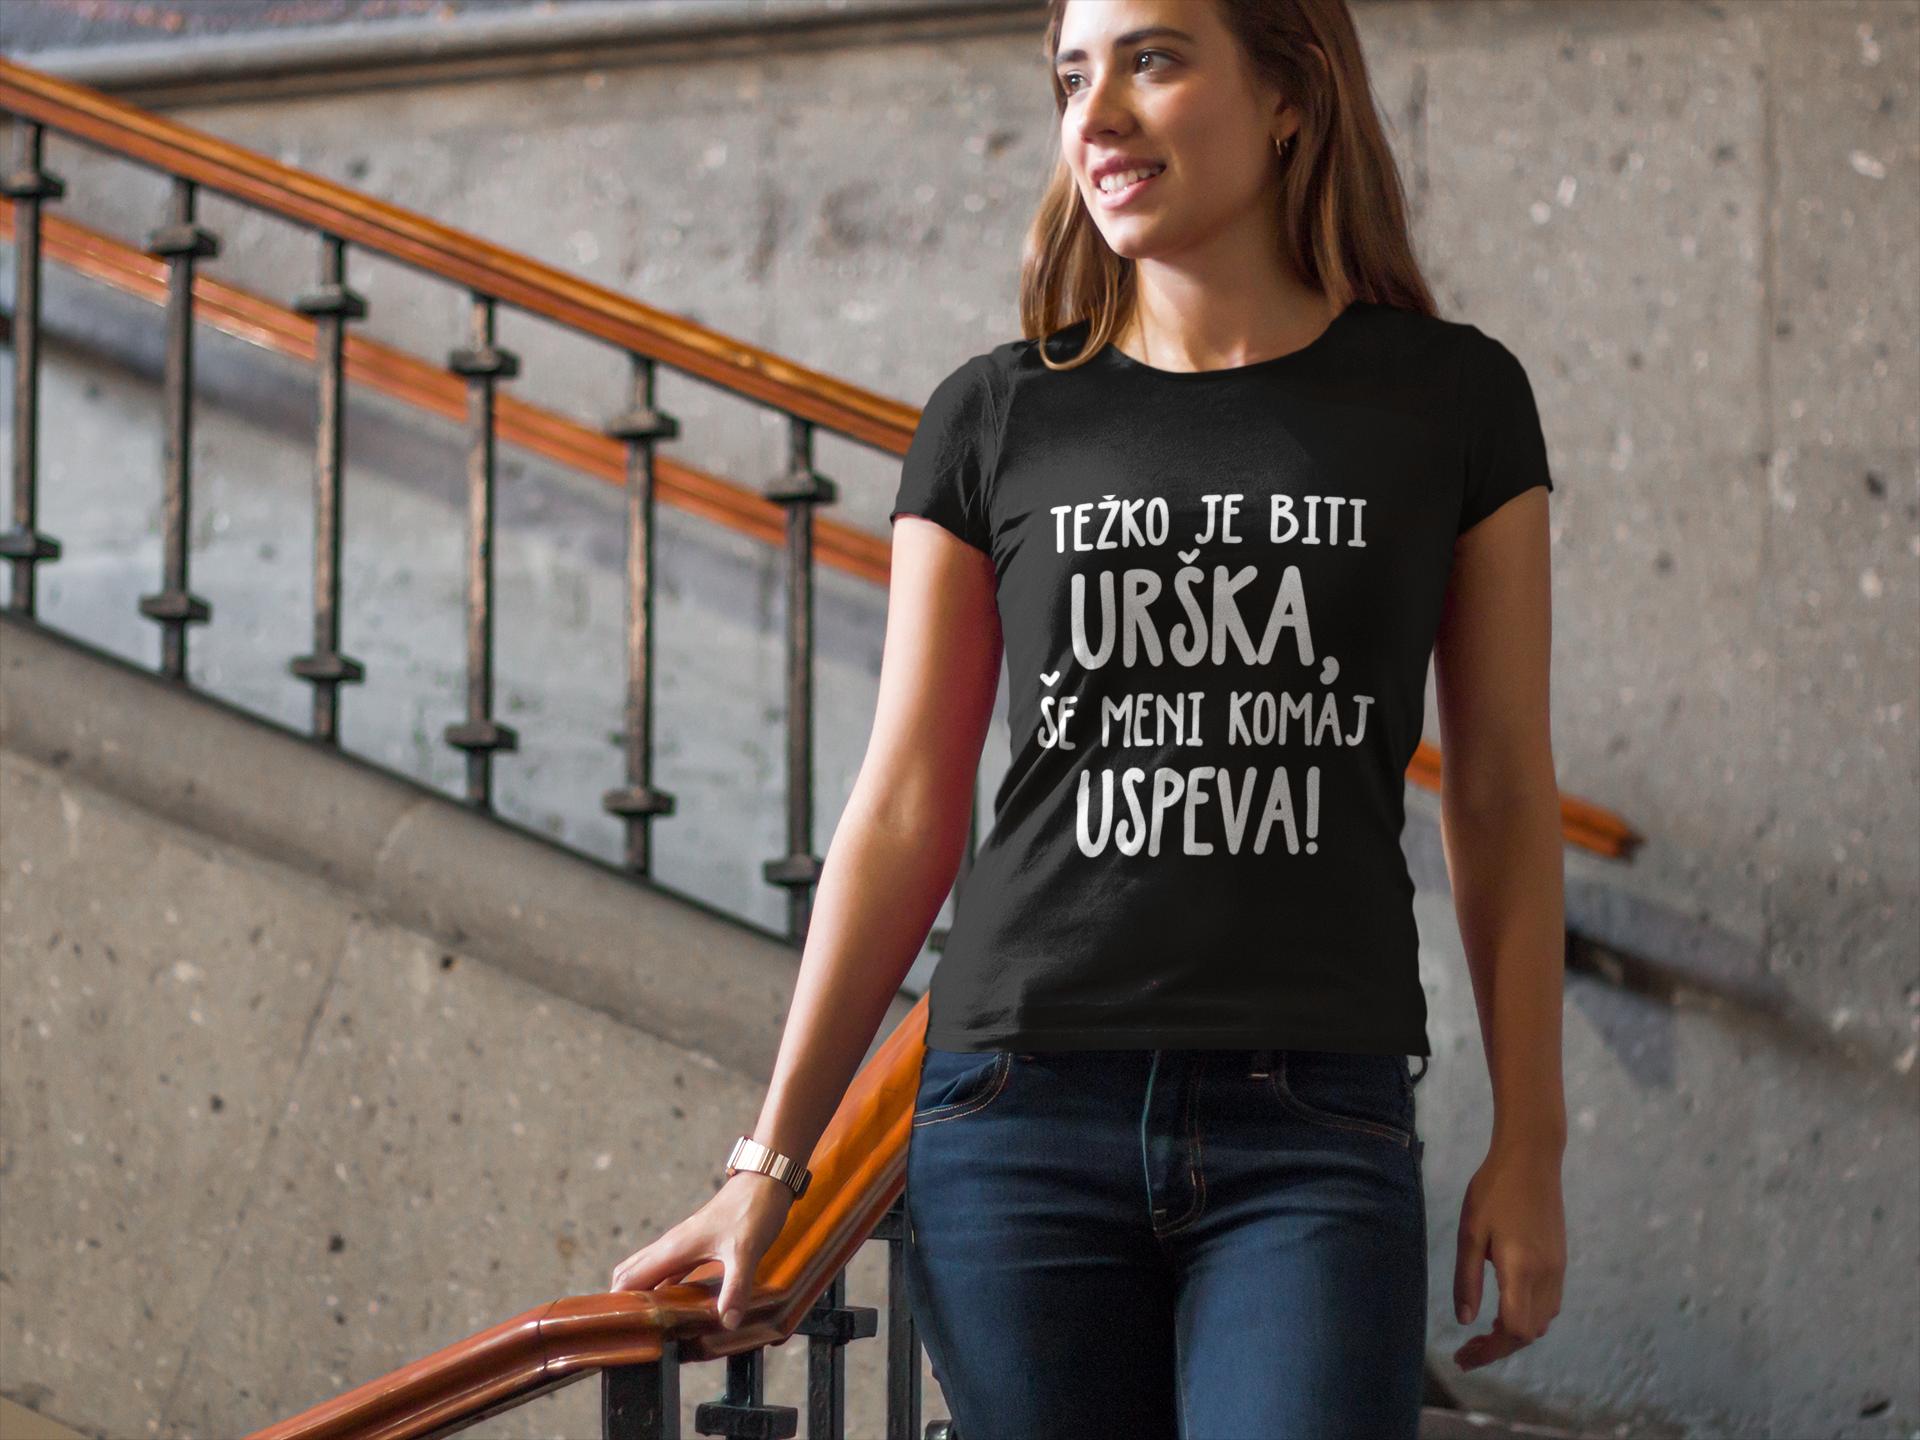 Smešna majica težko je biti!